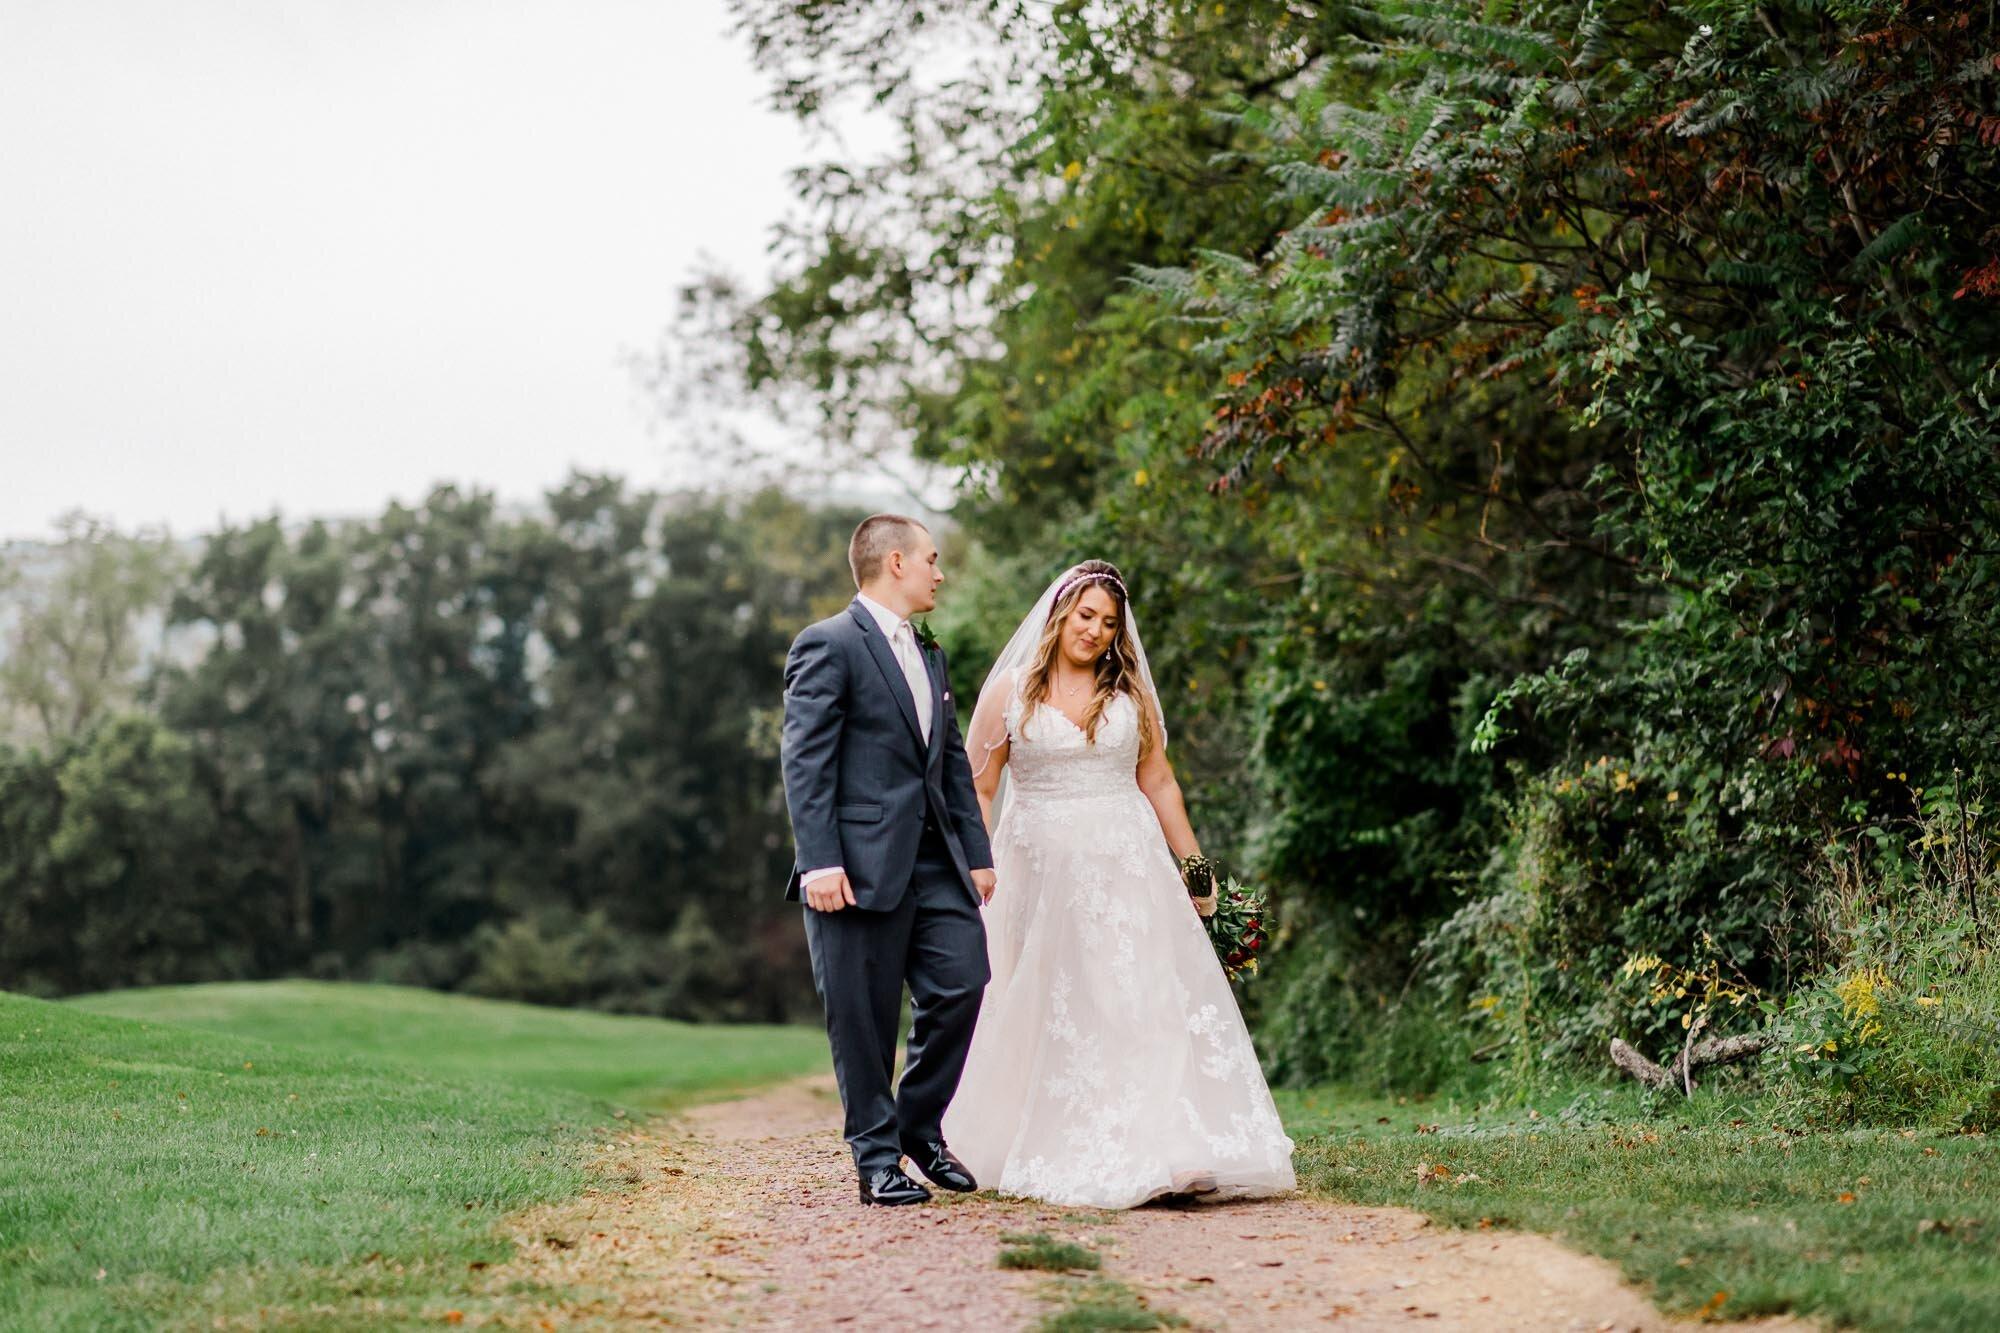 links-hemlock-creek-bloomsburg-wedding-6584.jpg